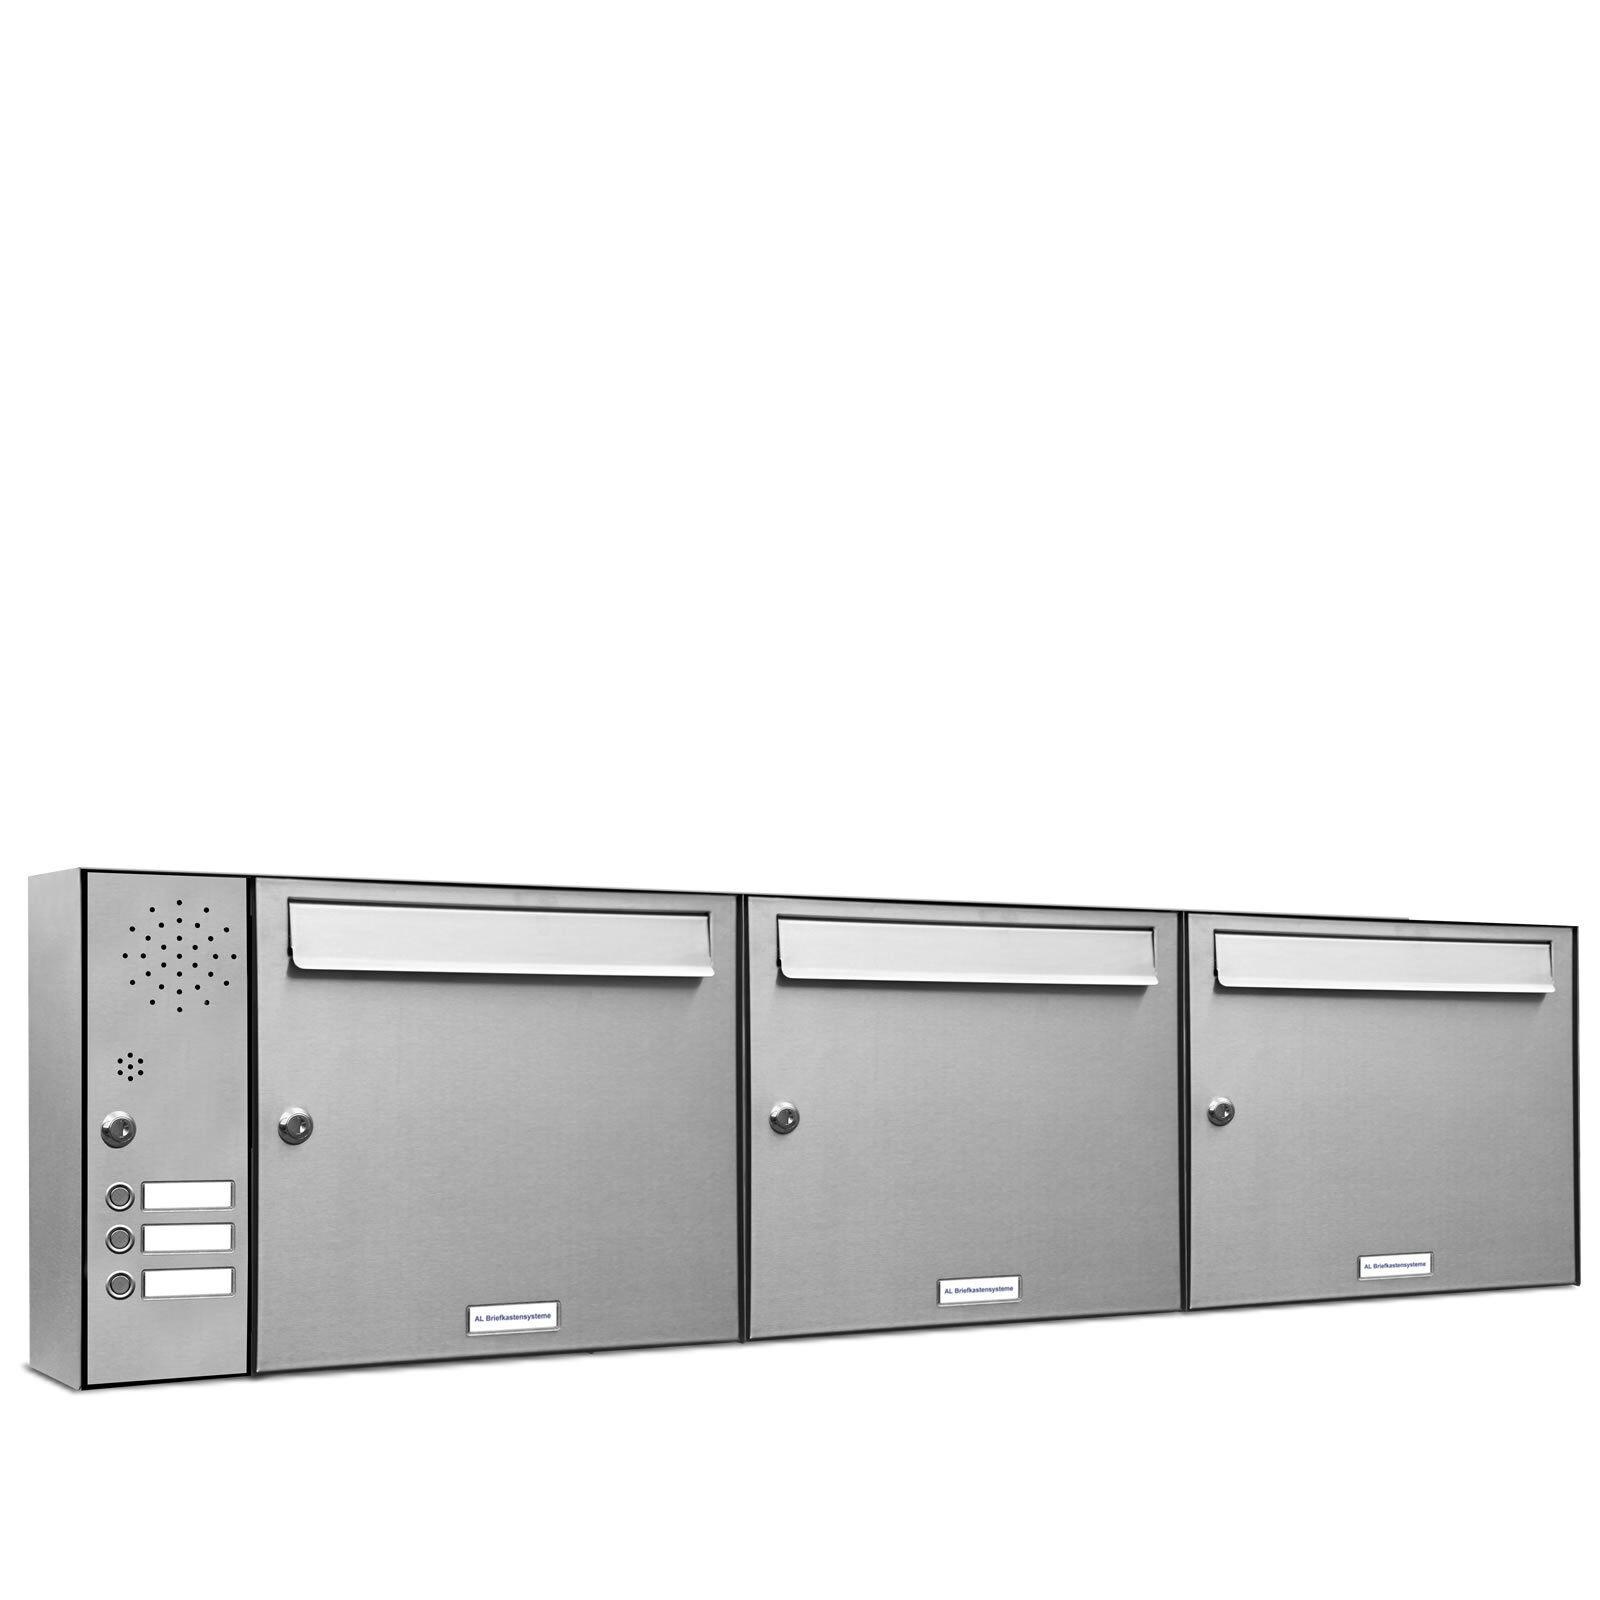 3 er Premium V2A Edelstahl Briefkasten Anlage Klingel A4 Postkasten modern 3x1